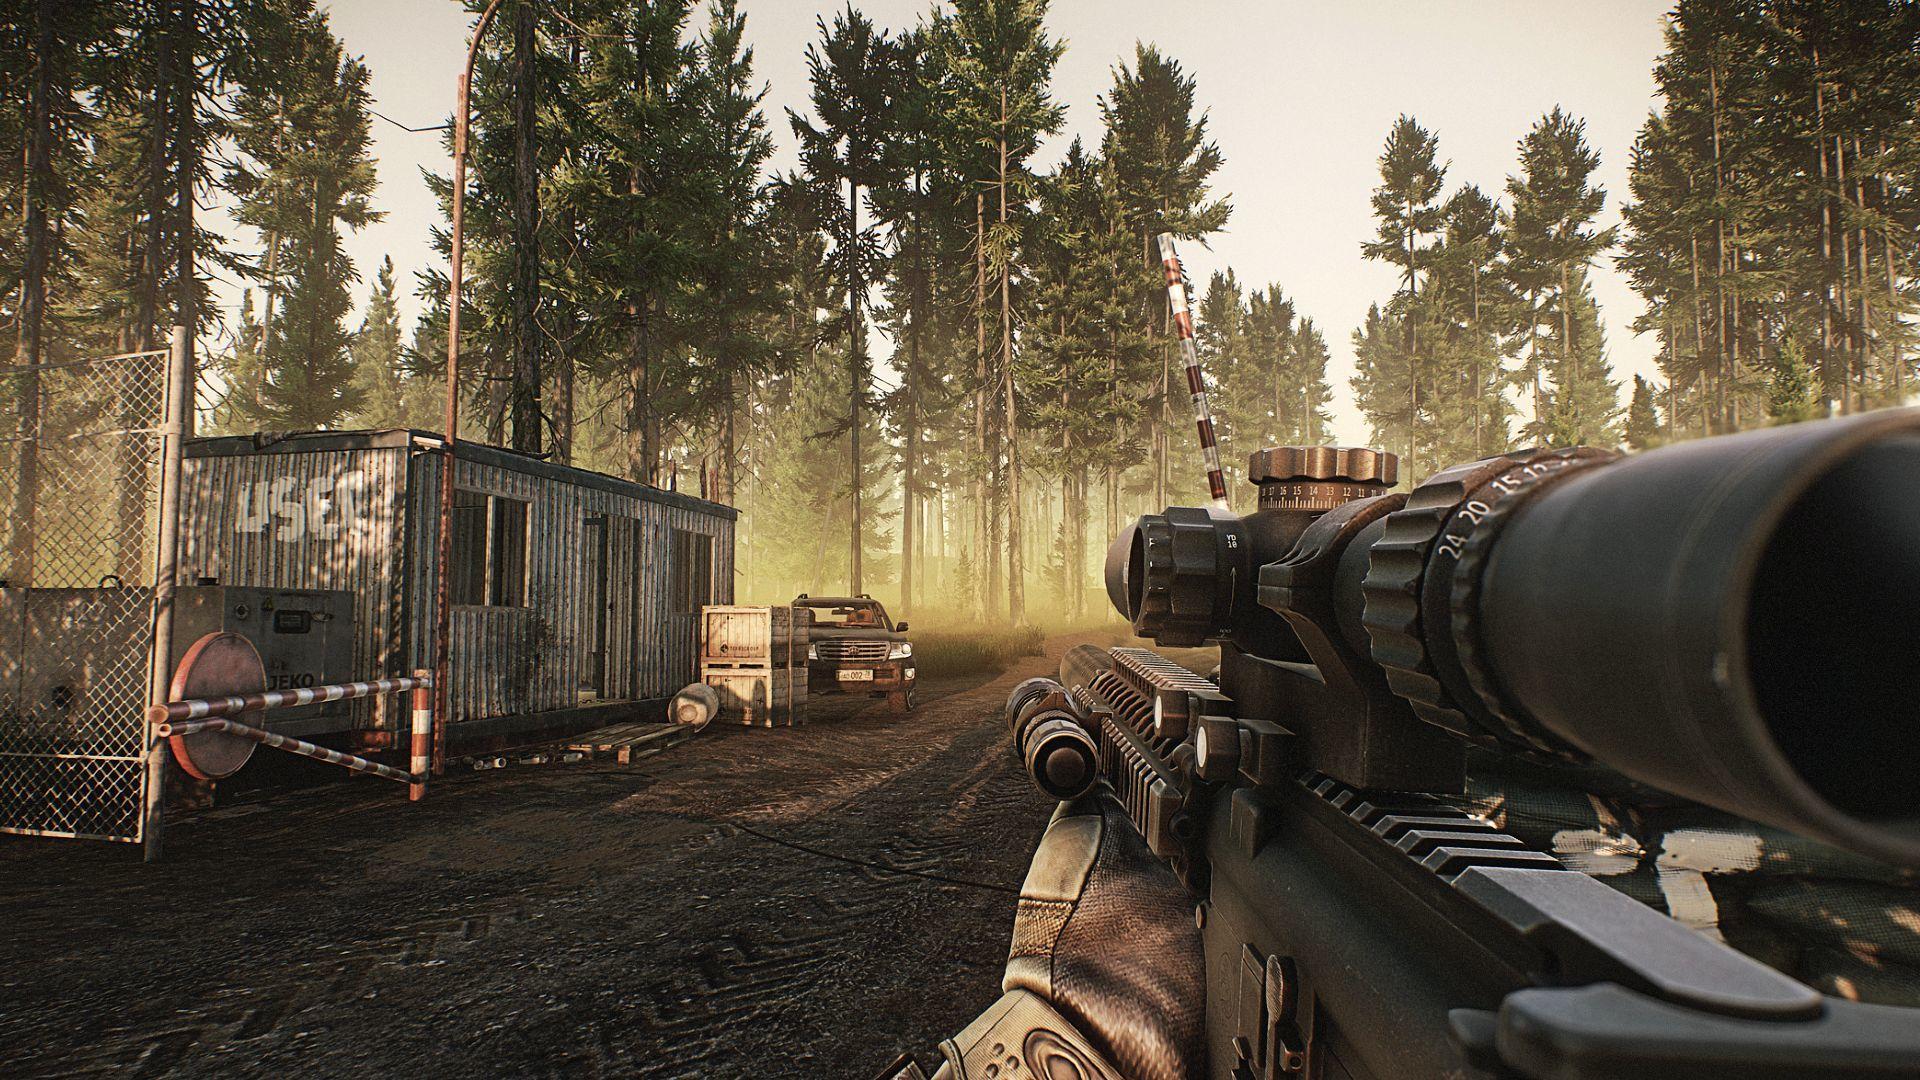 FPS oyunları yoğun ilgi görmeye devam ediyor